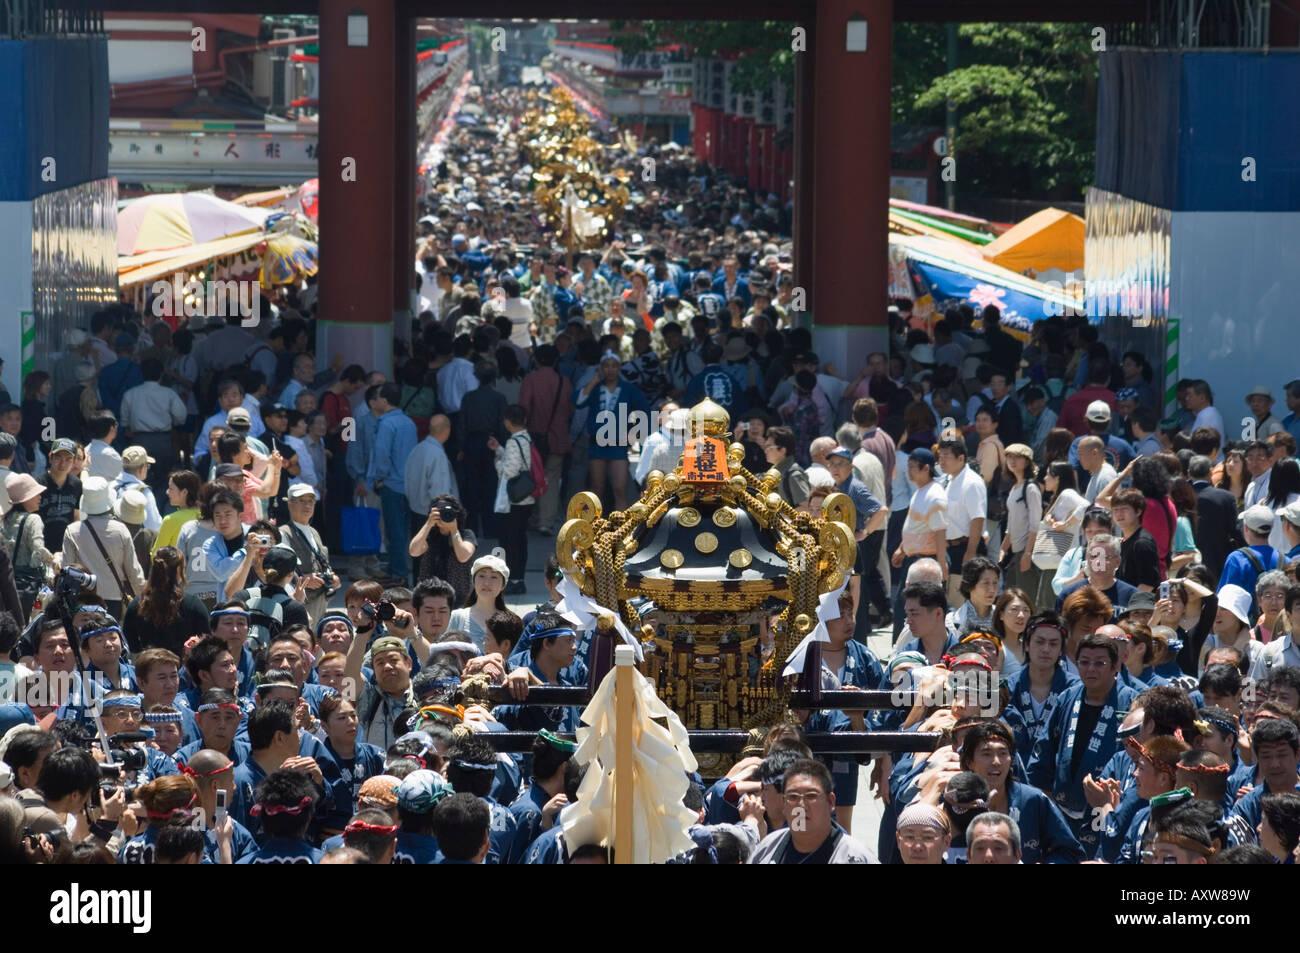 Mikoshi portable shrine of the gods, Sanja Matsuri Festival, Sensoji Temple, Asakusa Jinja, Asakusa, Tokyo, Japan - Stock Image